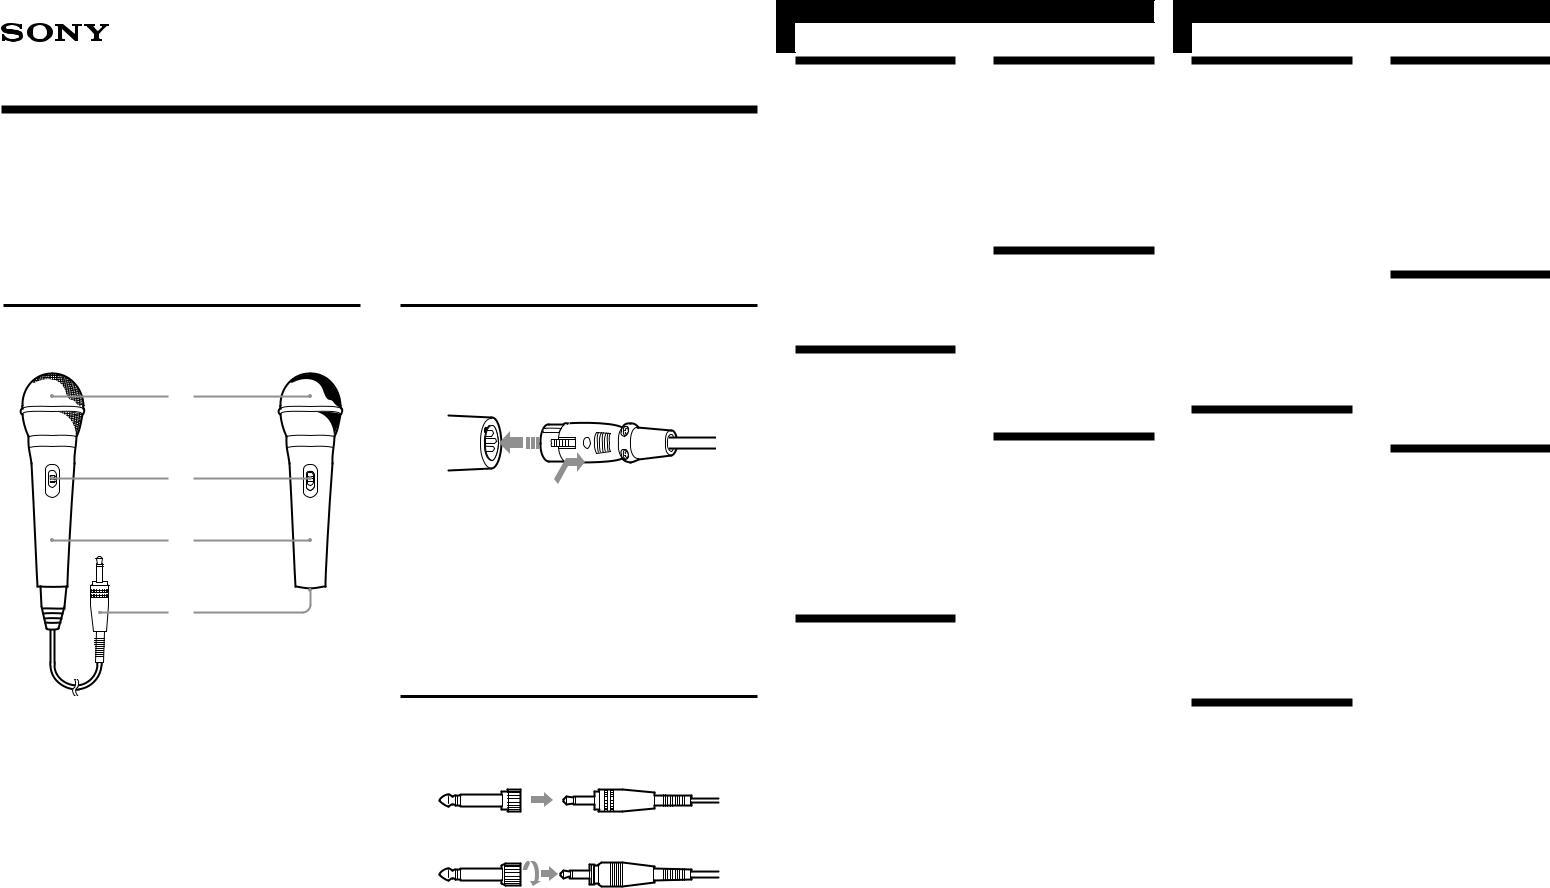 Sony F-V410, F-V710, F-V610, F-V310 User Manual